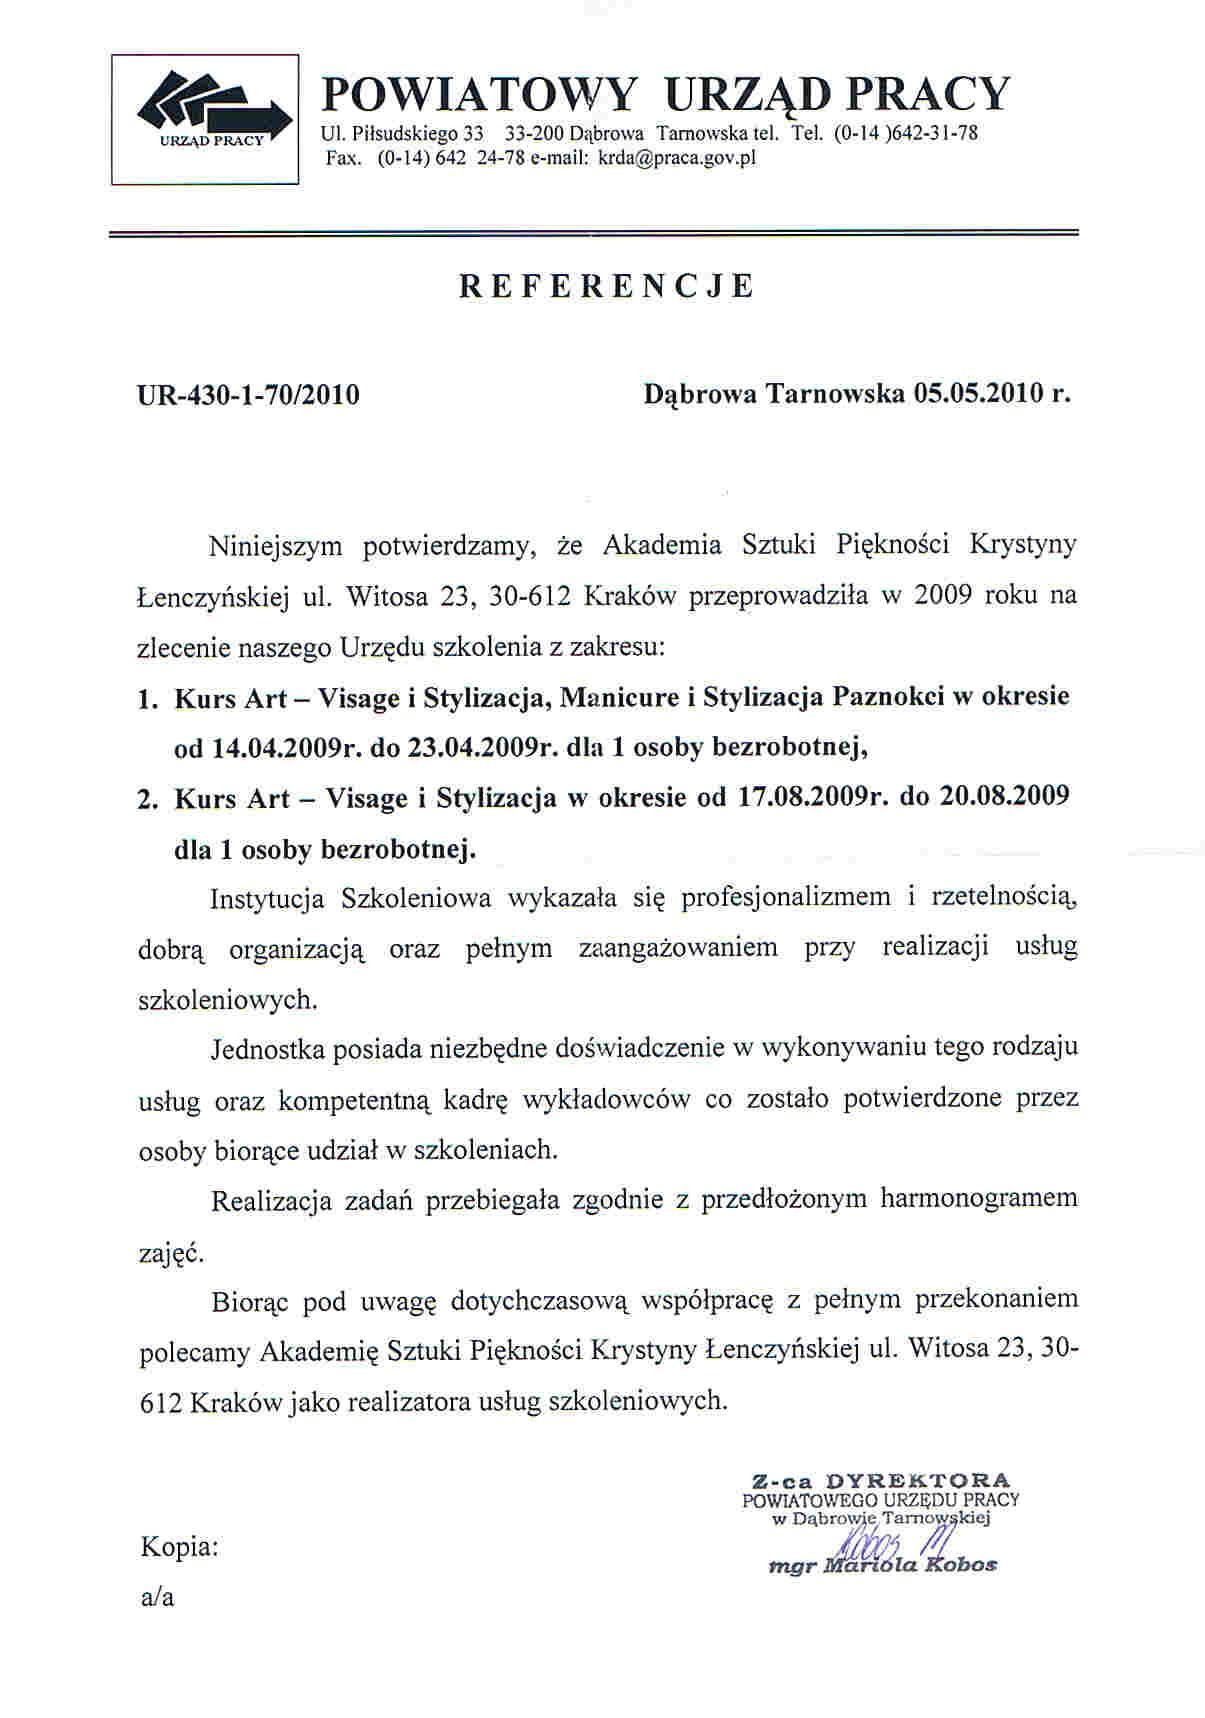 Powiatowy Urząd Pracy w Dąbrowie-Tarnowskiej-Dąbrowa Tarnowska